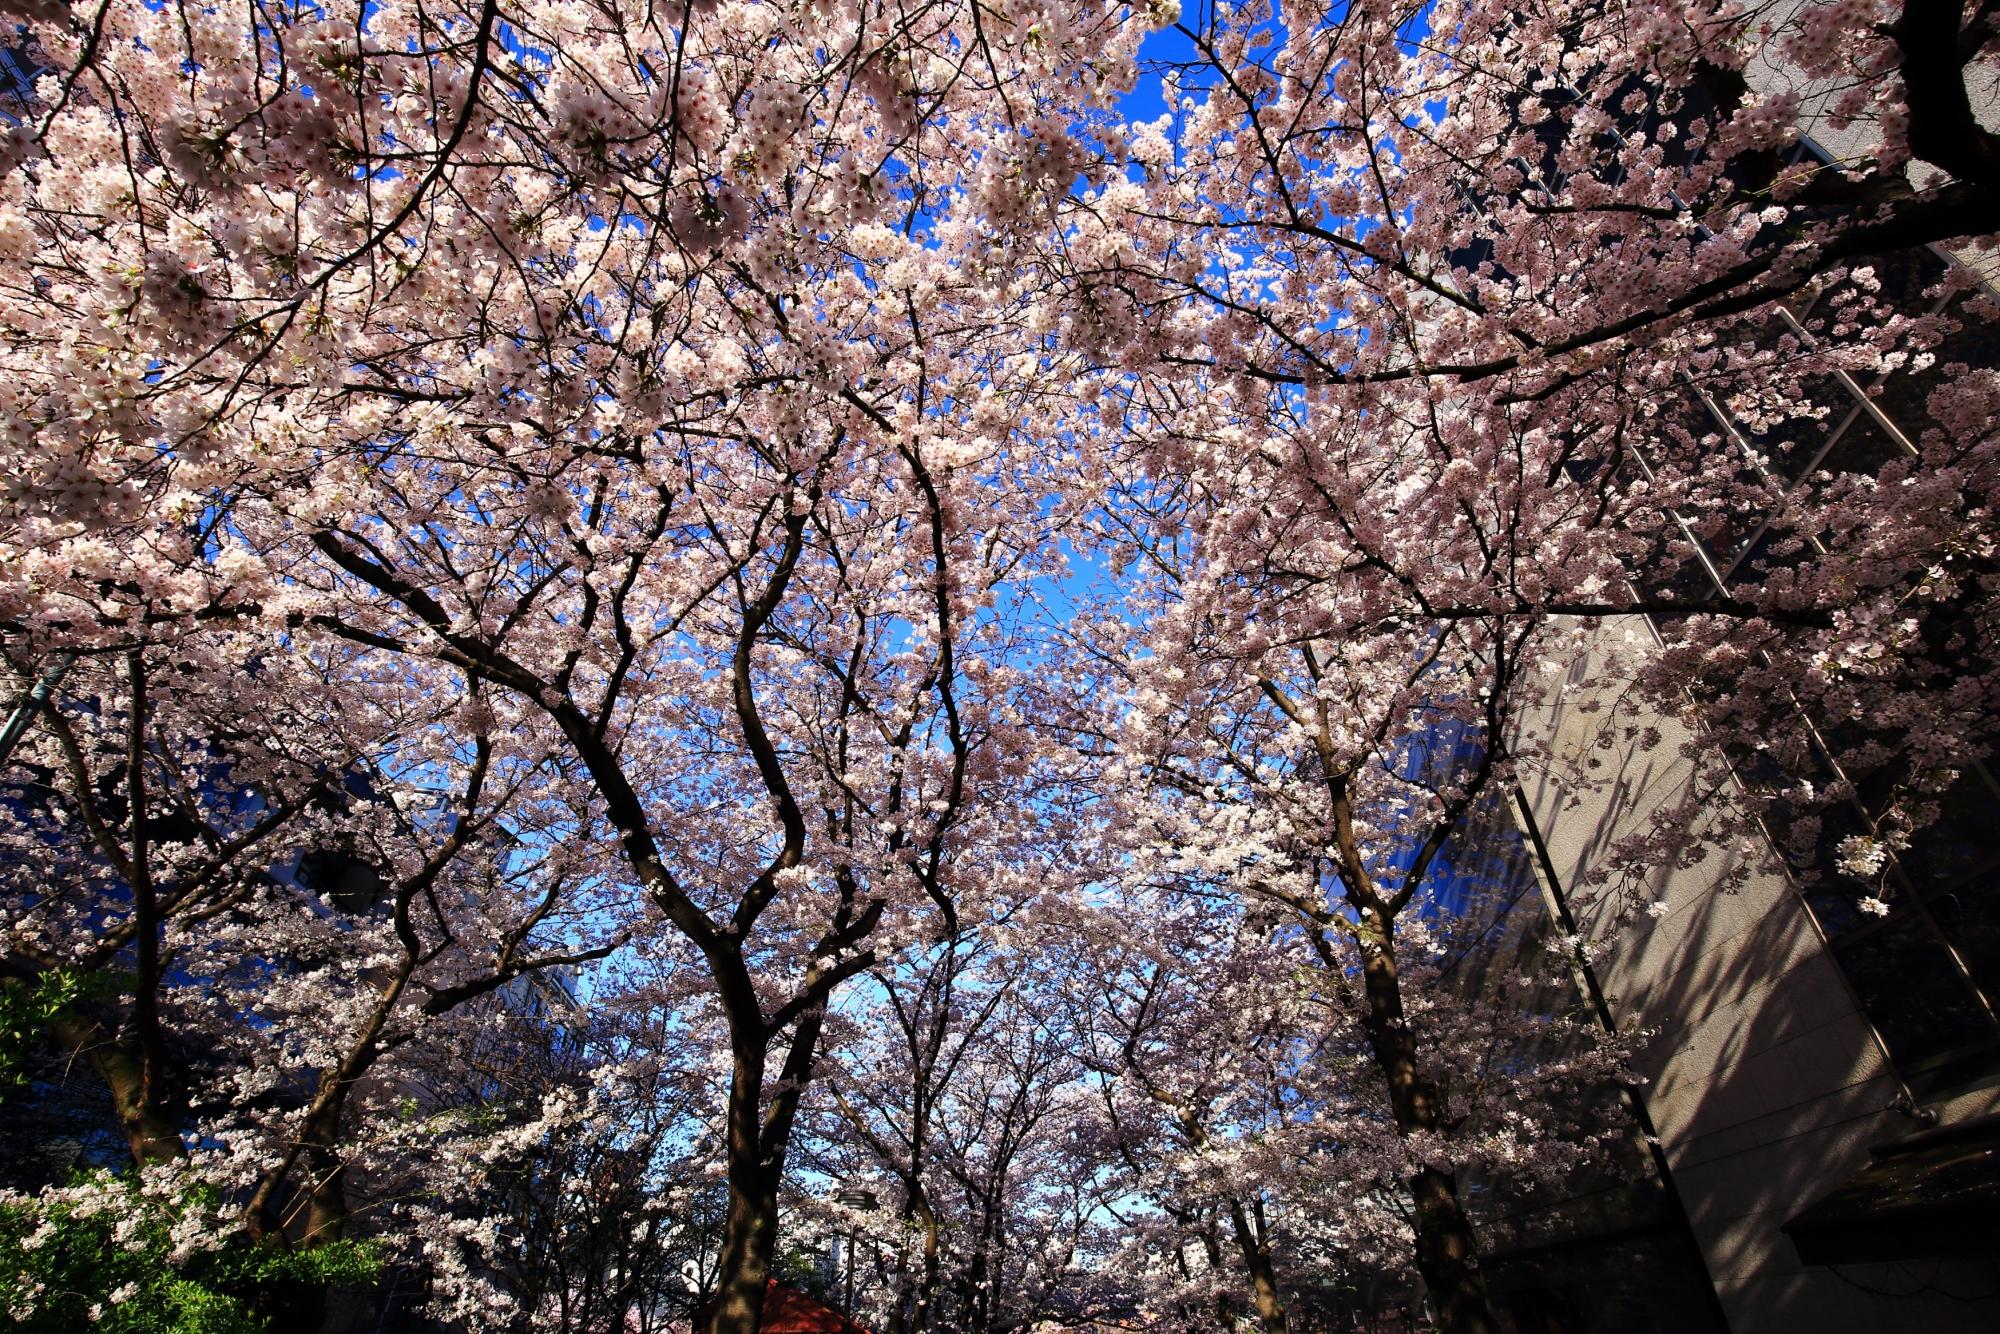 ピンクの花が弾け飛びそうなくらいの満開の桜